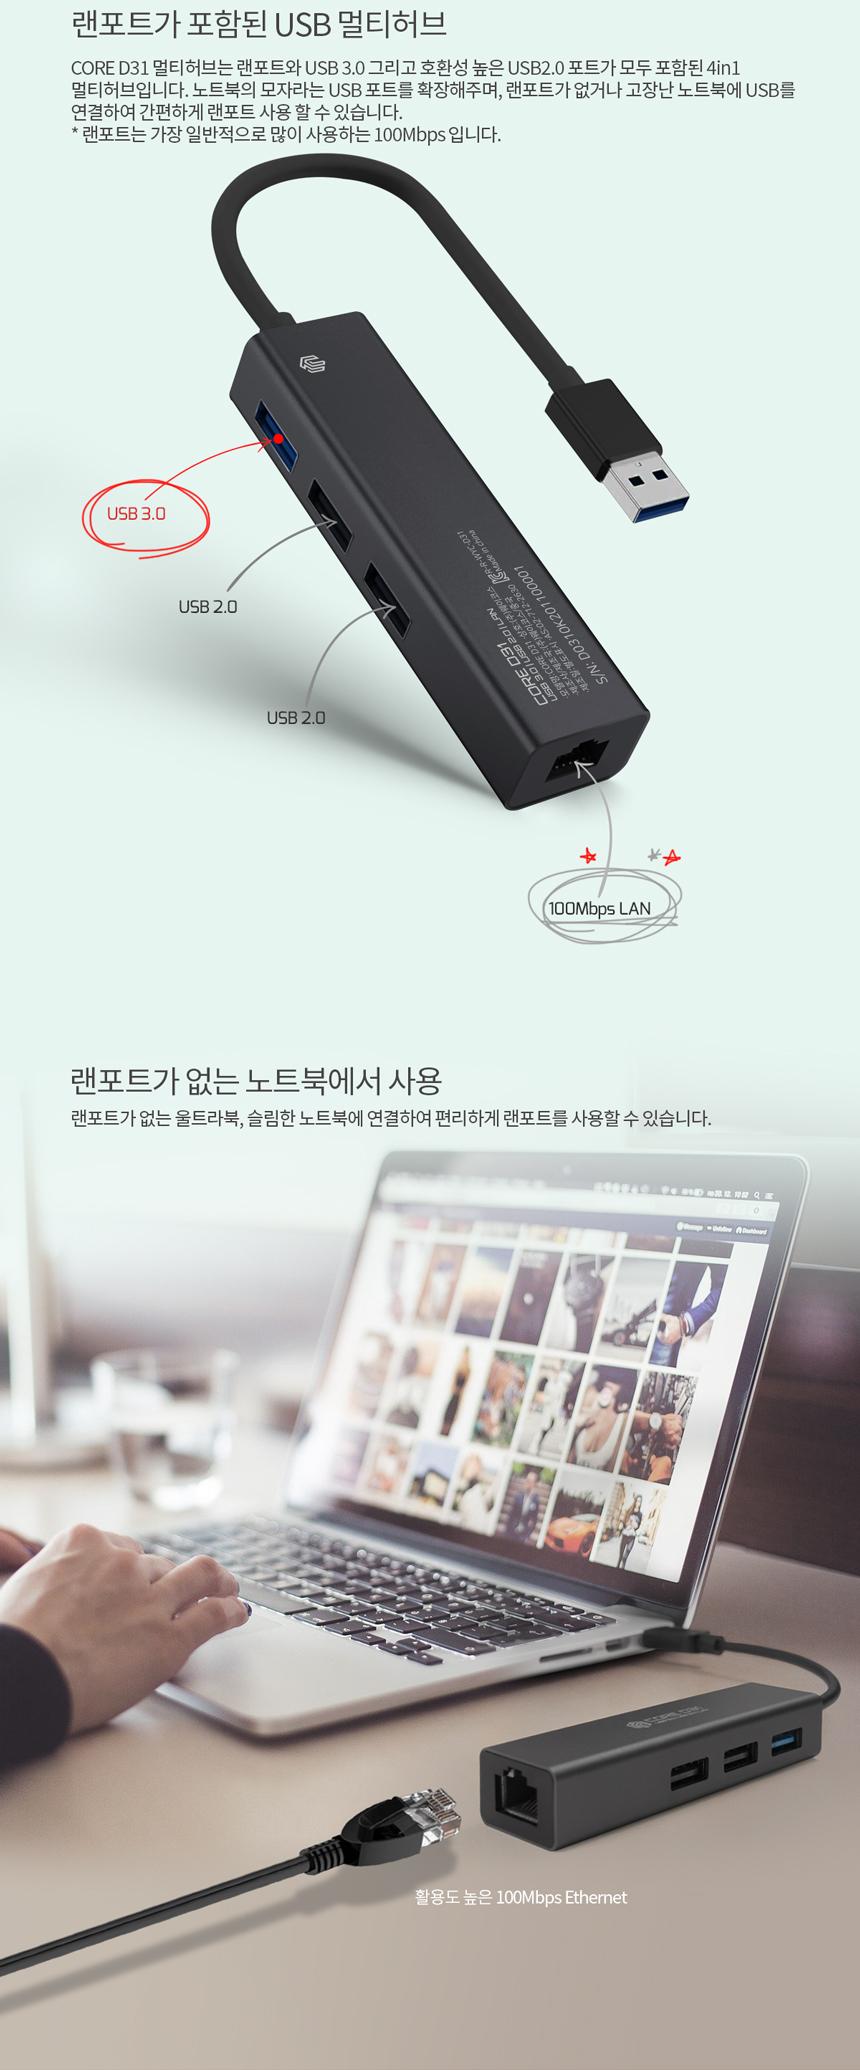 웨이코스 씽크웨이 CORE D31 (4포트/USB 3.0)